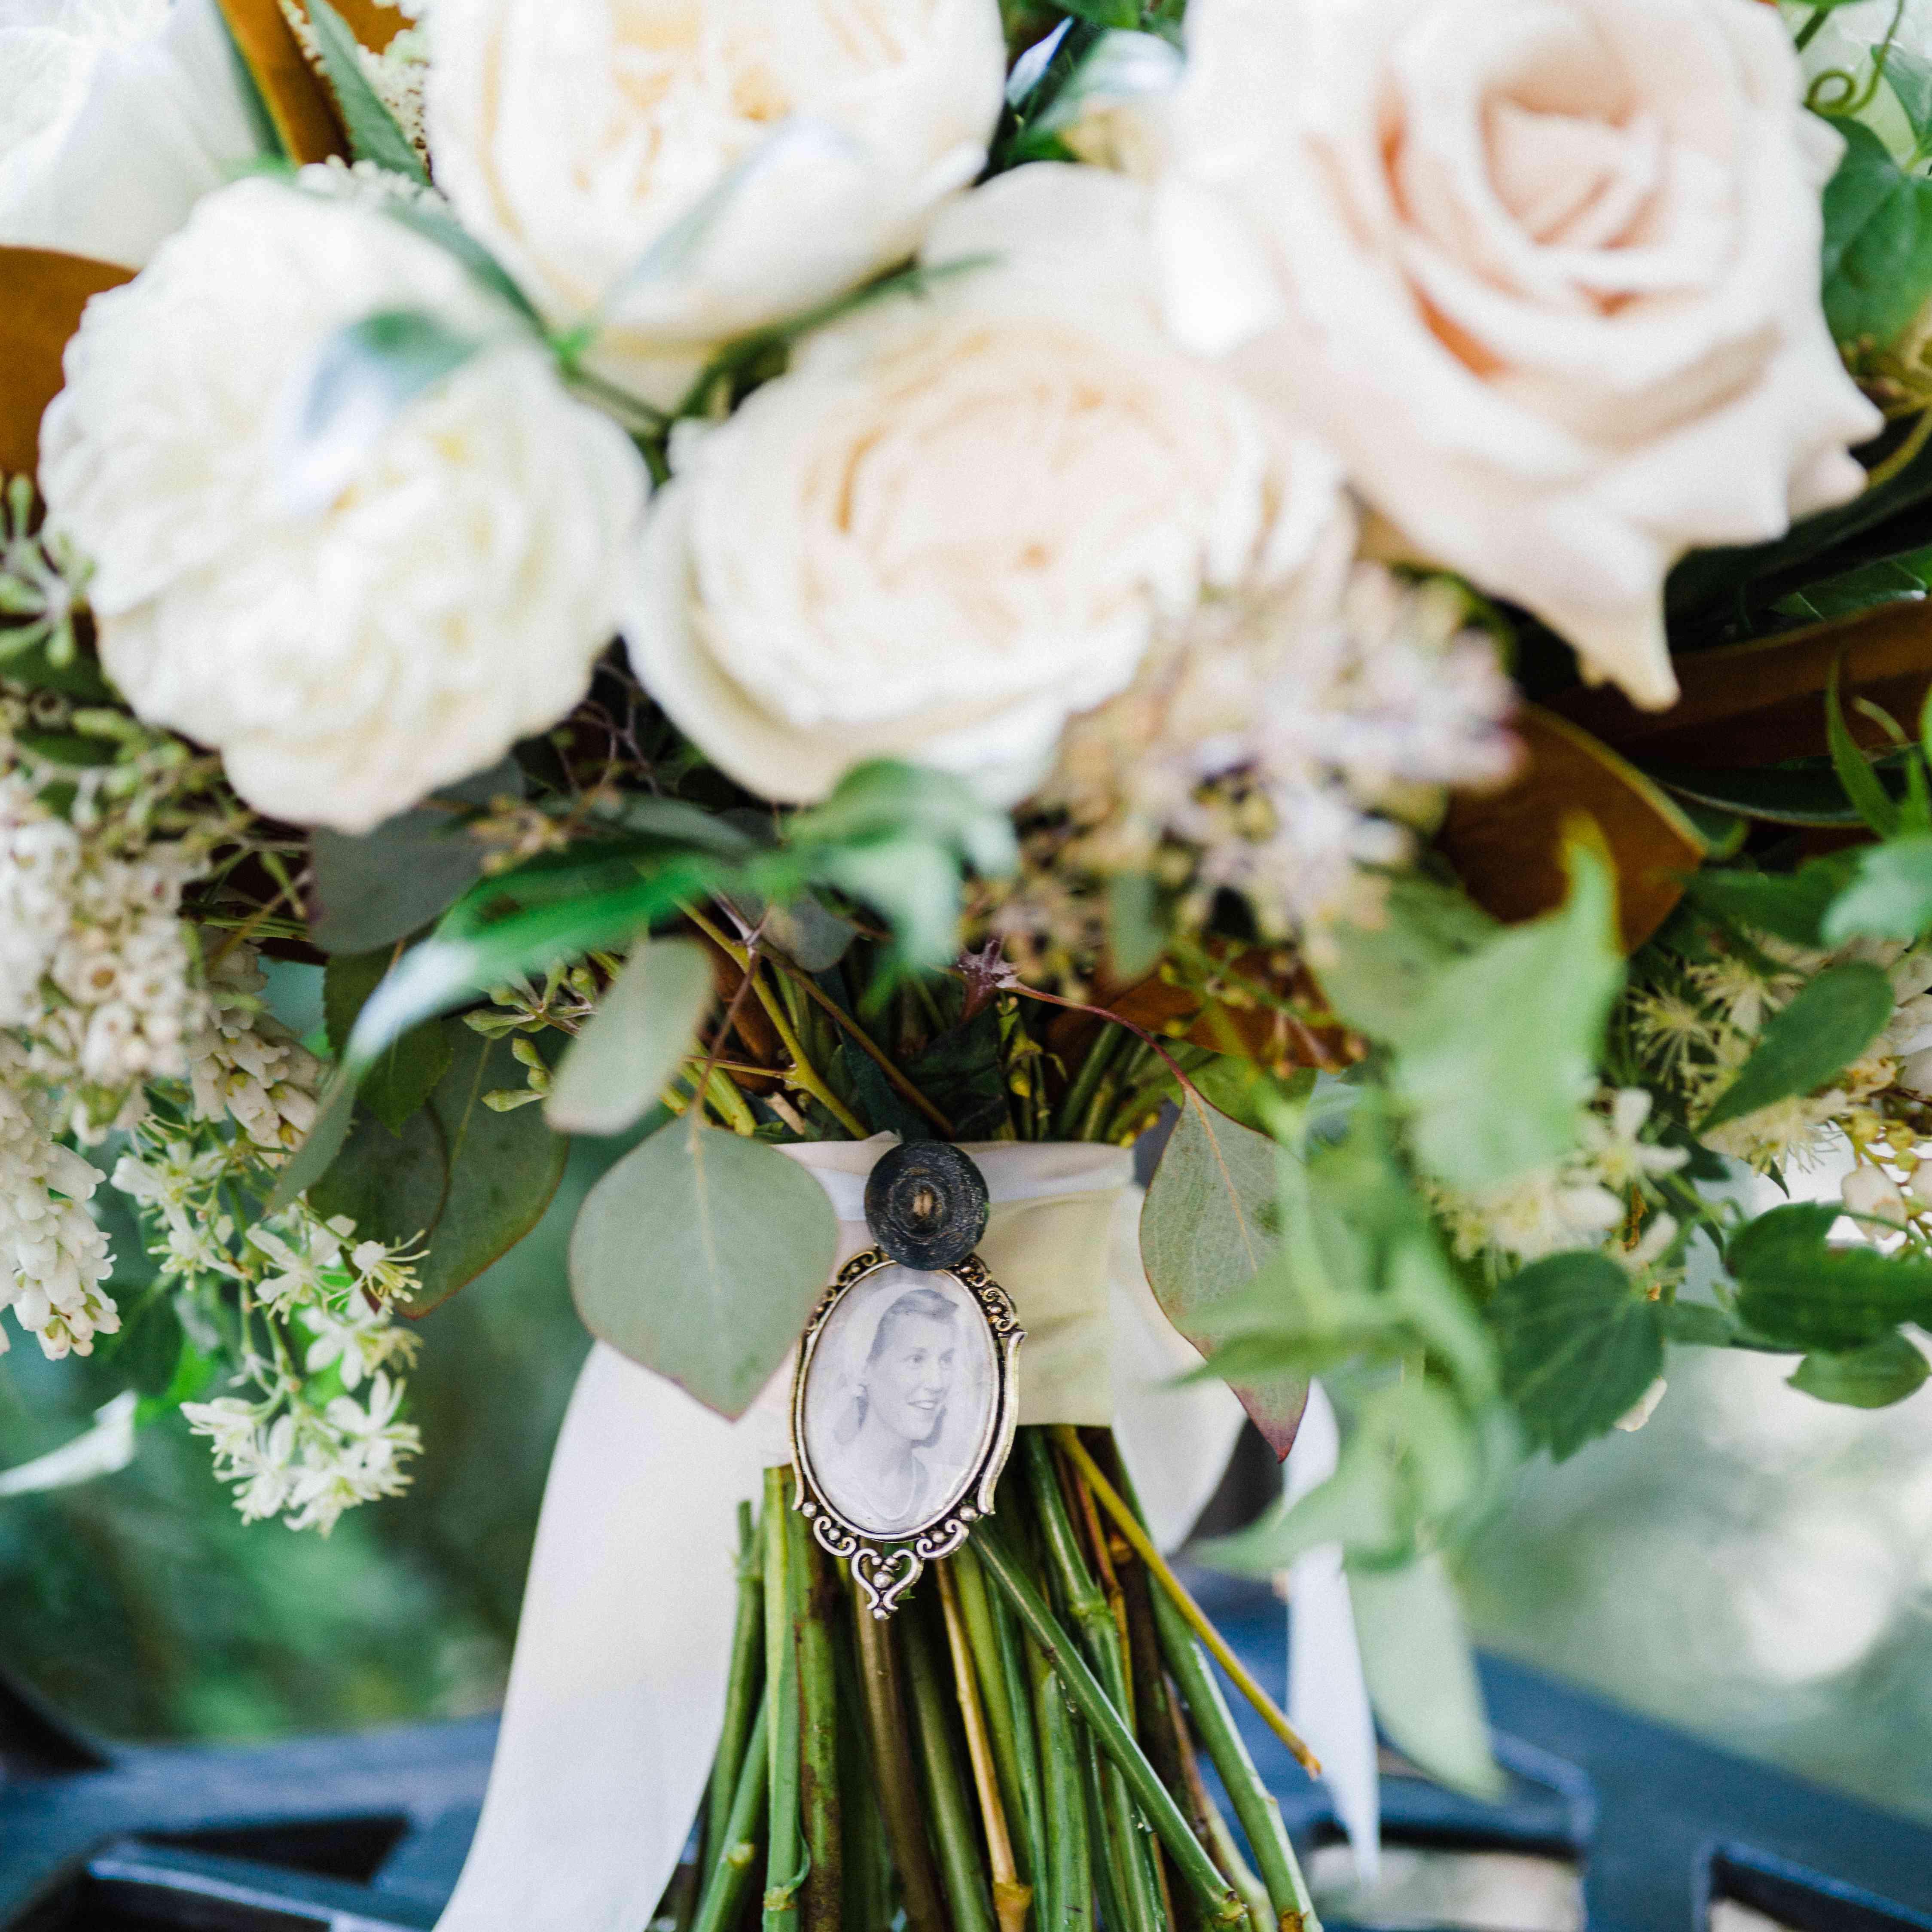 <p>Up-Close Wedding Bouquet</p><br><br>